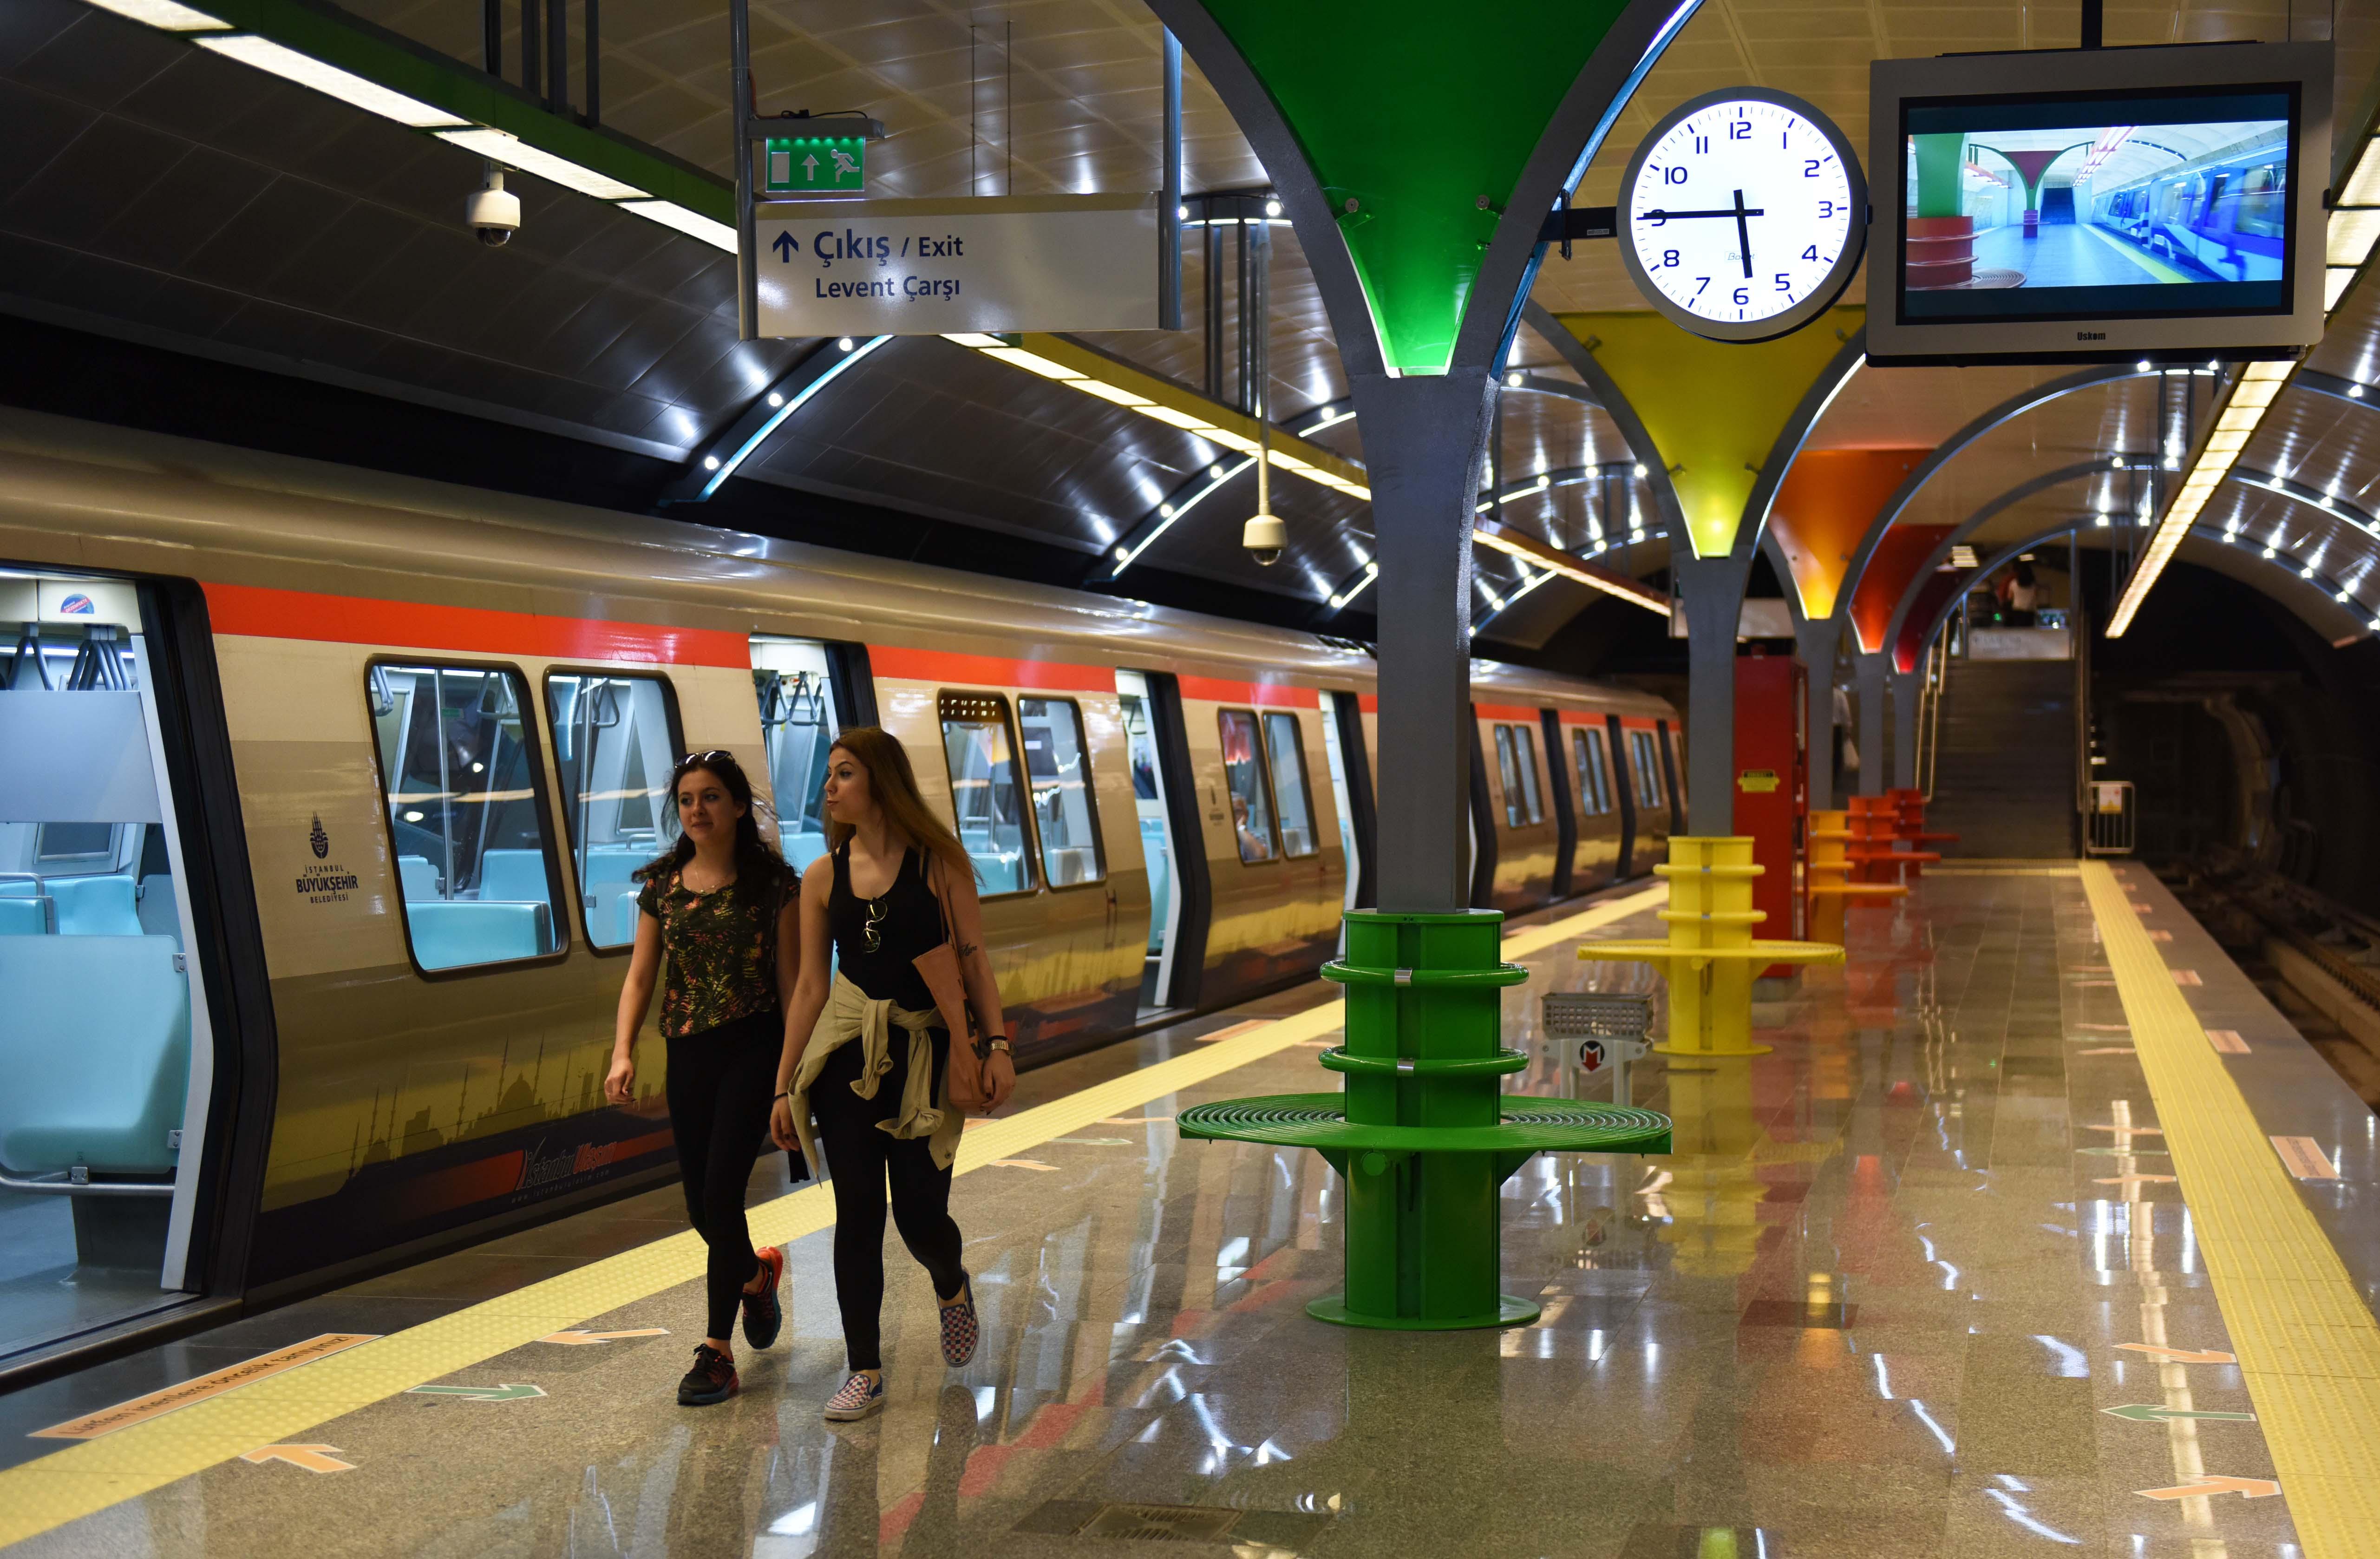 新华社照片,伊斯坦布尔,2015年5月17日   (锐视角)(3)伊斯坦布尔的彩虹地铁站   5月16日,在土耳其伊斯坦布尔,乘客在M6地铁线莱万特站换乘。   今年4月,伊斯坦布尔新开一条从市中心莱万特站到海峡大学站的M6地铁线。其中,莱万特站色彩炫丽的装饰,成为伊斯坦布尔地铁一道美丽的风景。   新华社记者贺灿铃摄